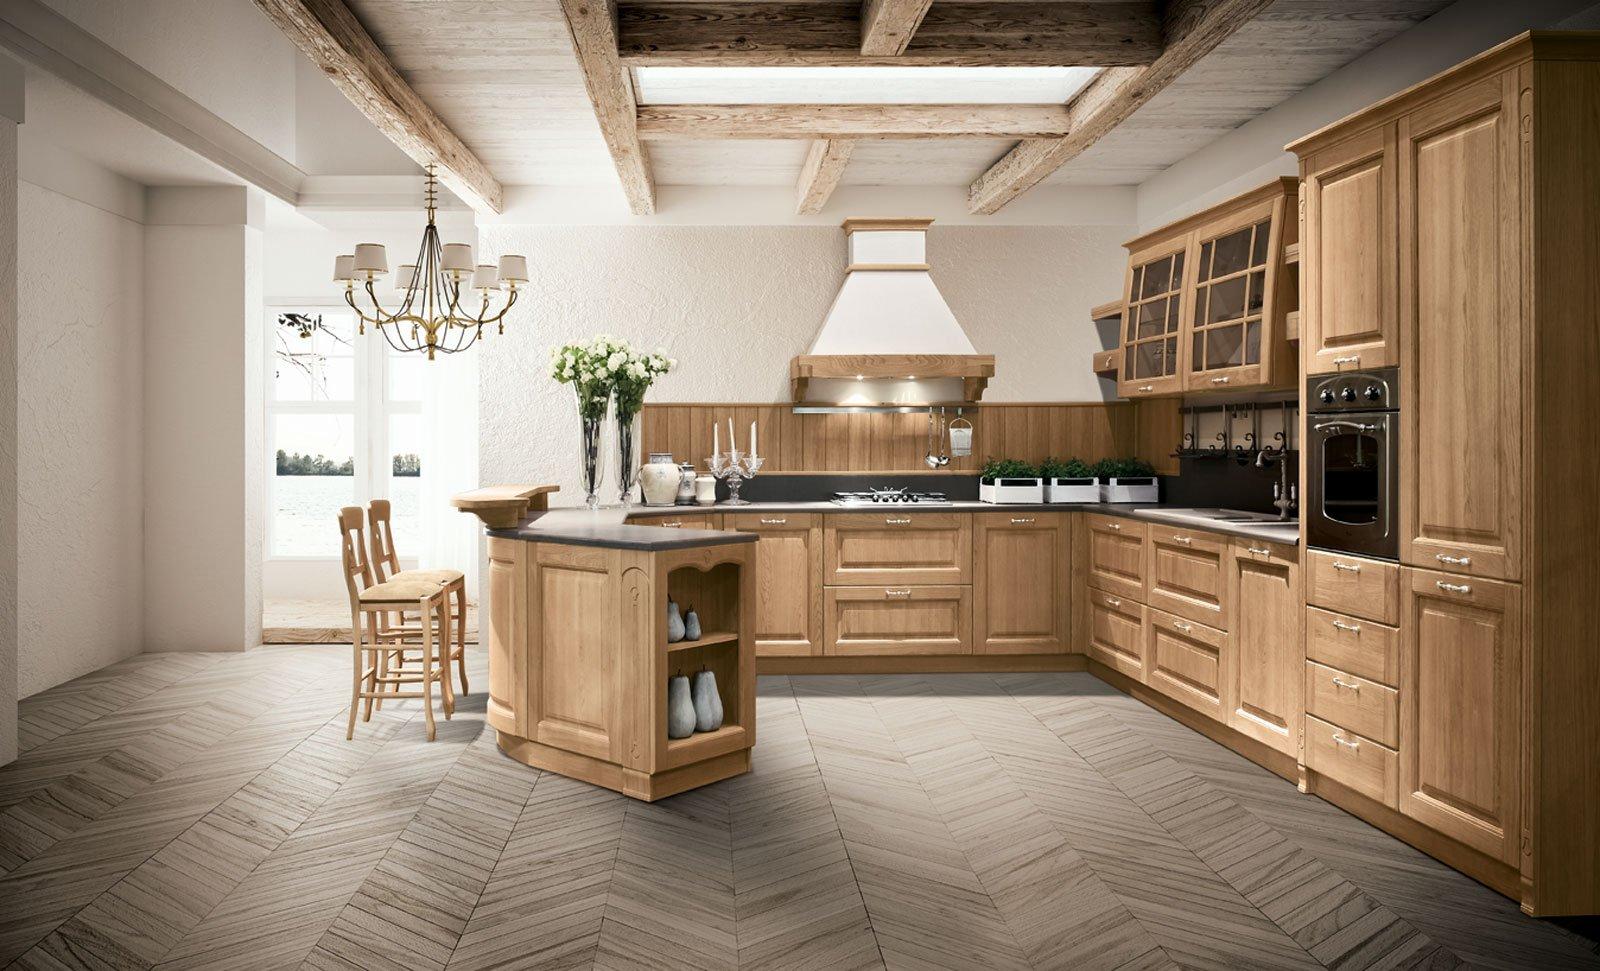 Cucine Classiche In Legno O Laccate #3D2F1D 1600 971 Mobili X Cucine Piccole